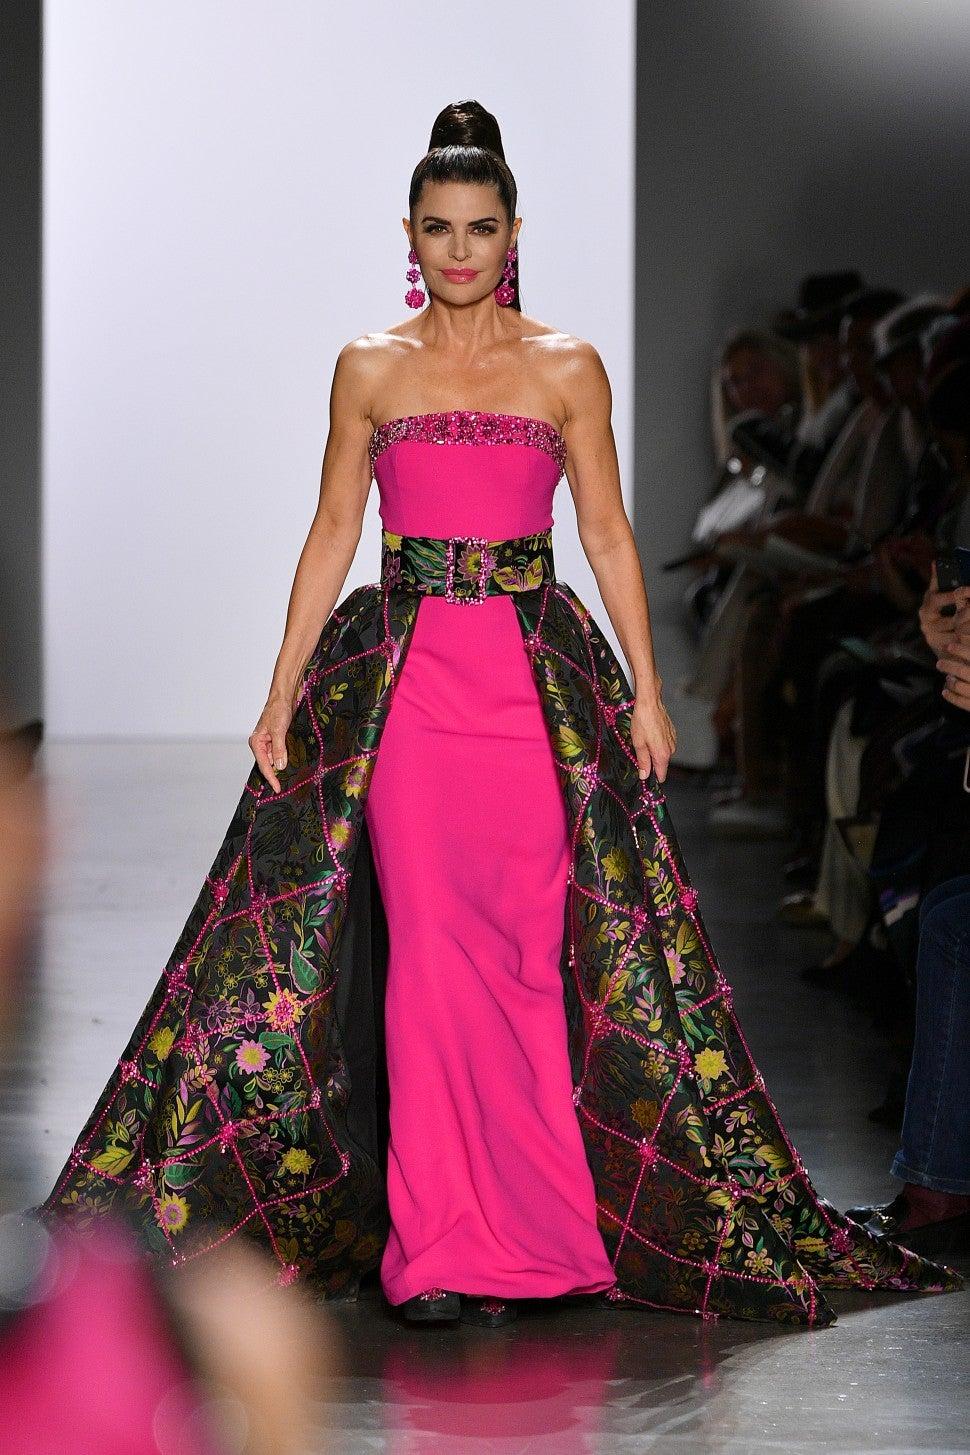 Lisa Rinna walks in Dennis Basso F/W 2020 fashion show